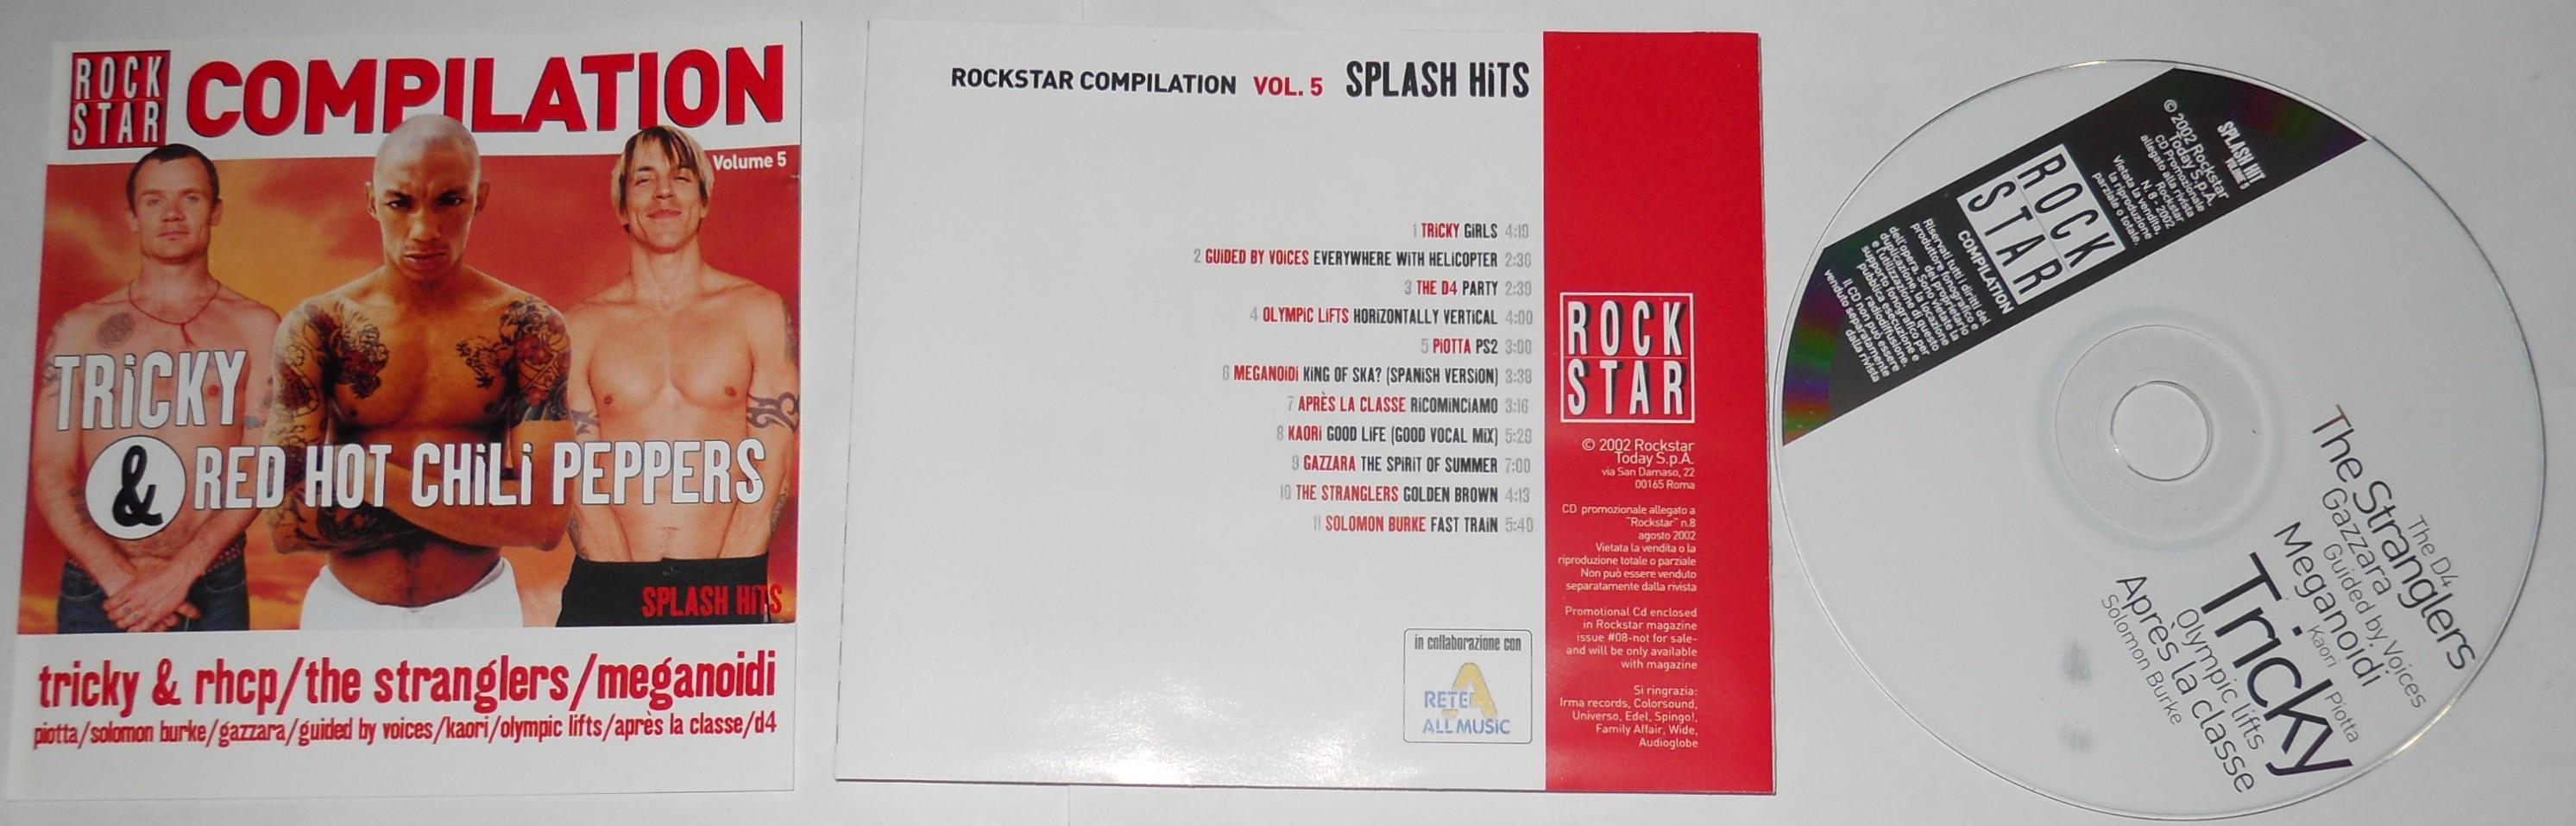 rockstar compilation vol 8